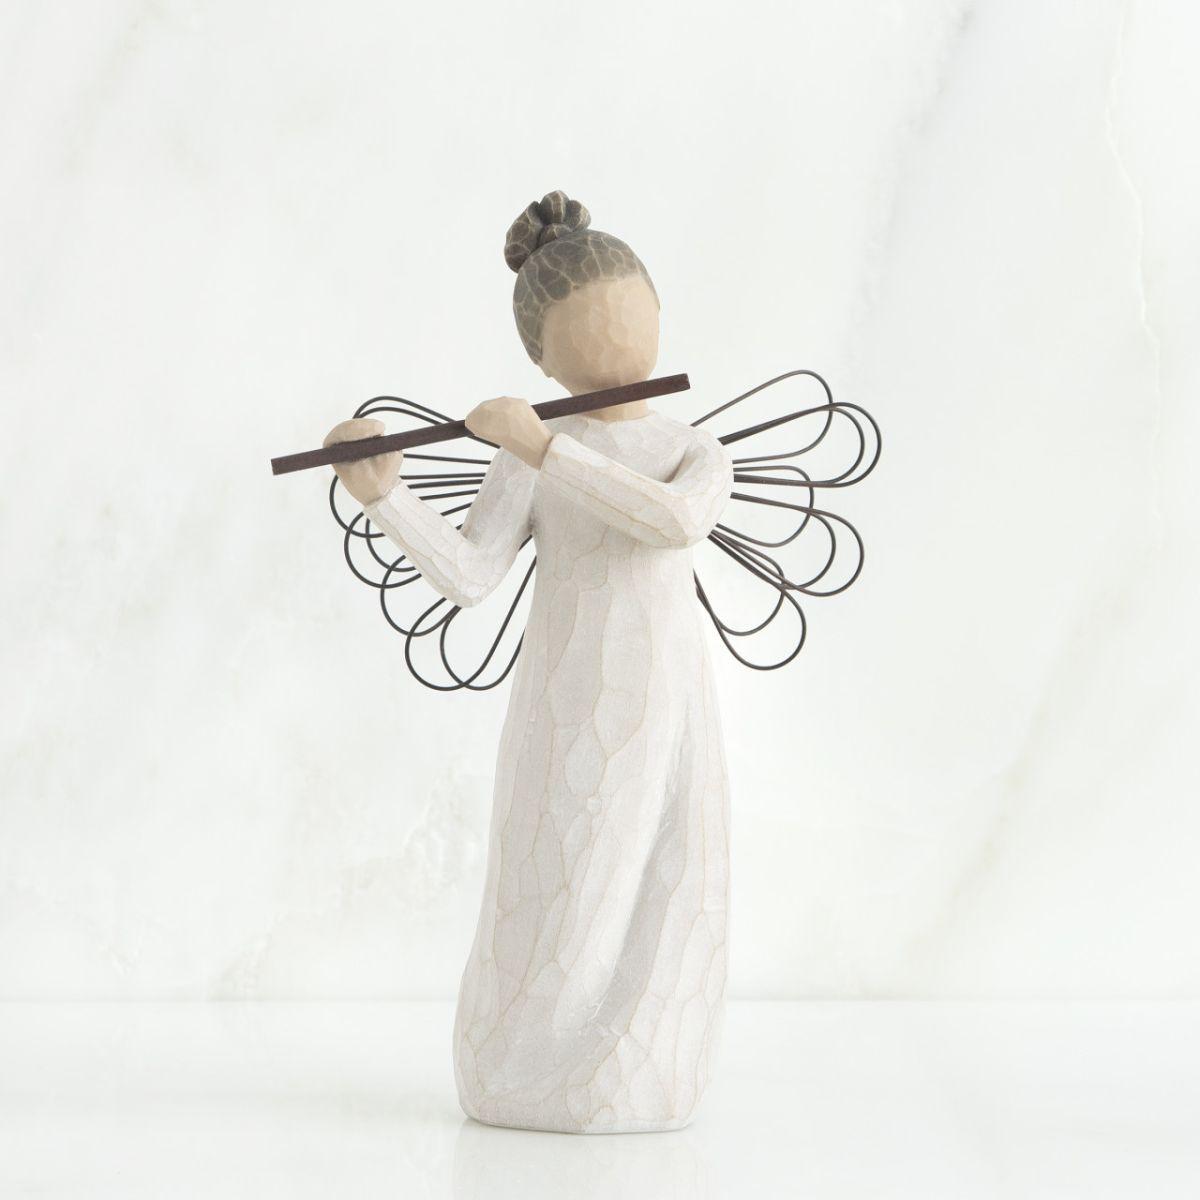 ウィローツリー天使像 【Angel of Harmony】 - ハーモニー